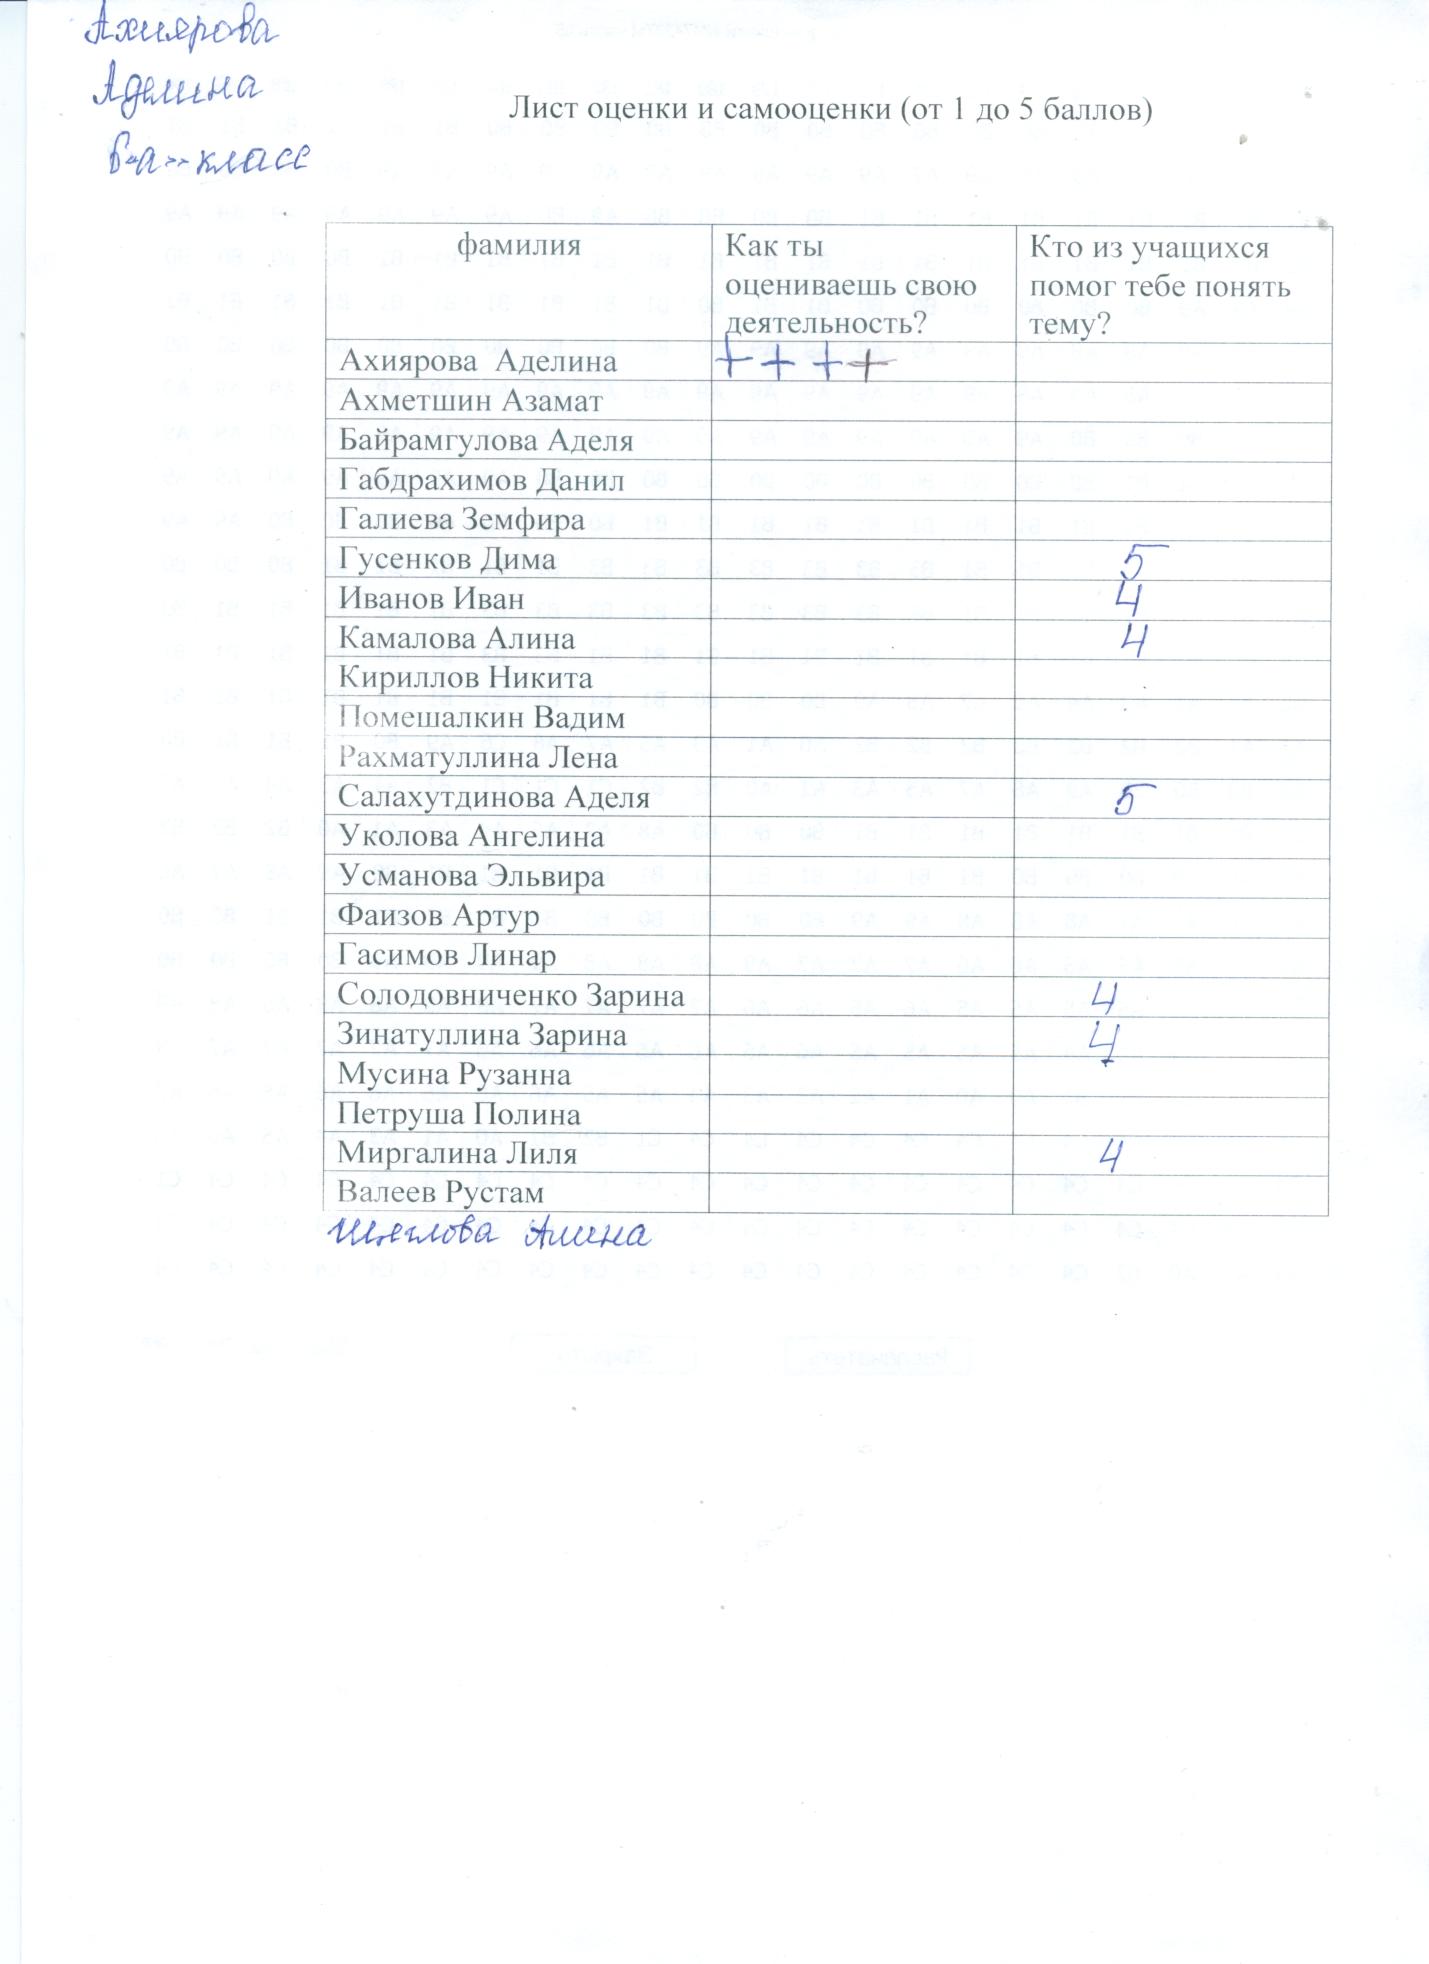 D:\Documents\сканирование\20141215\Image7.bmp